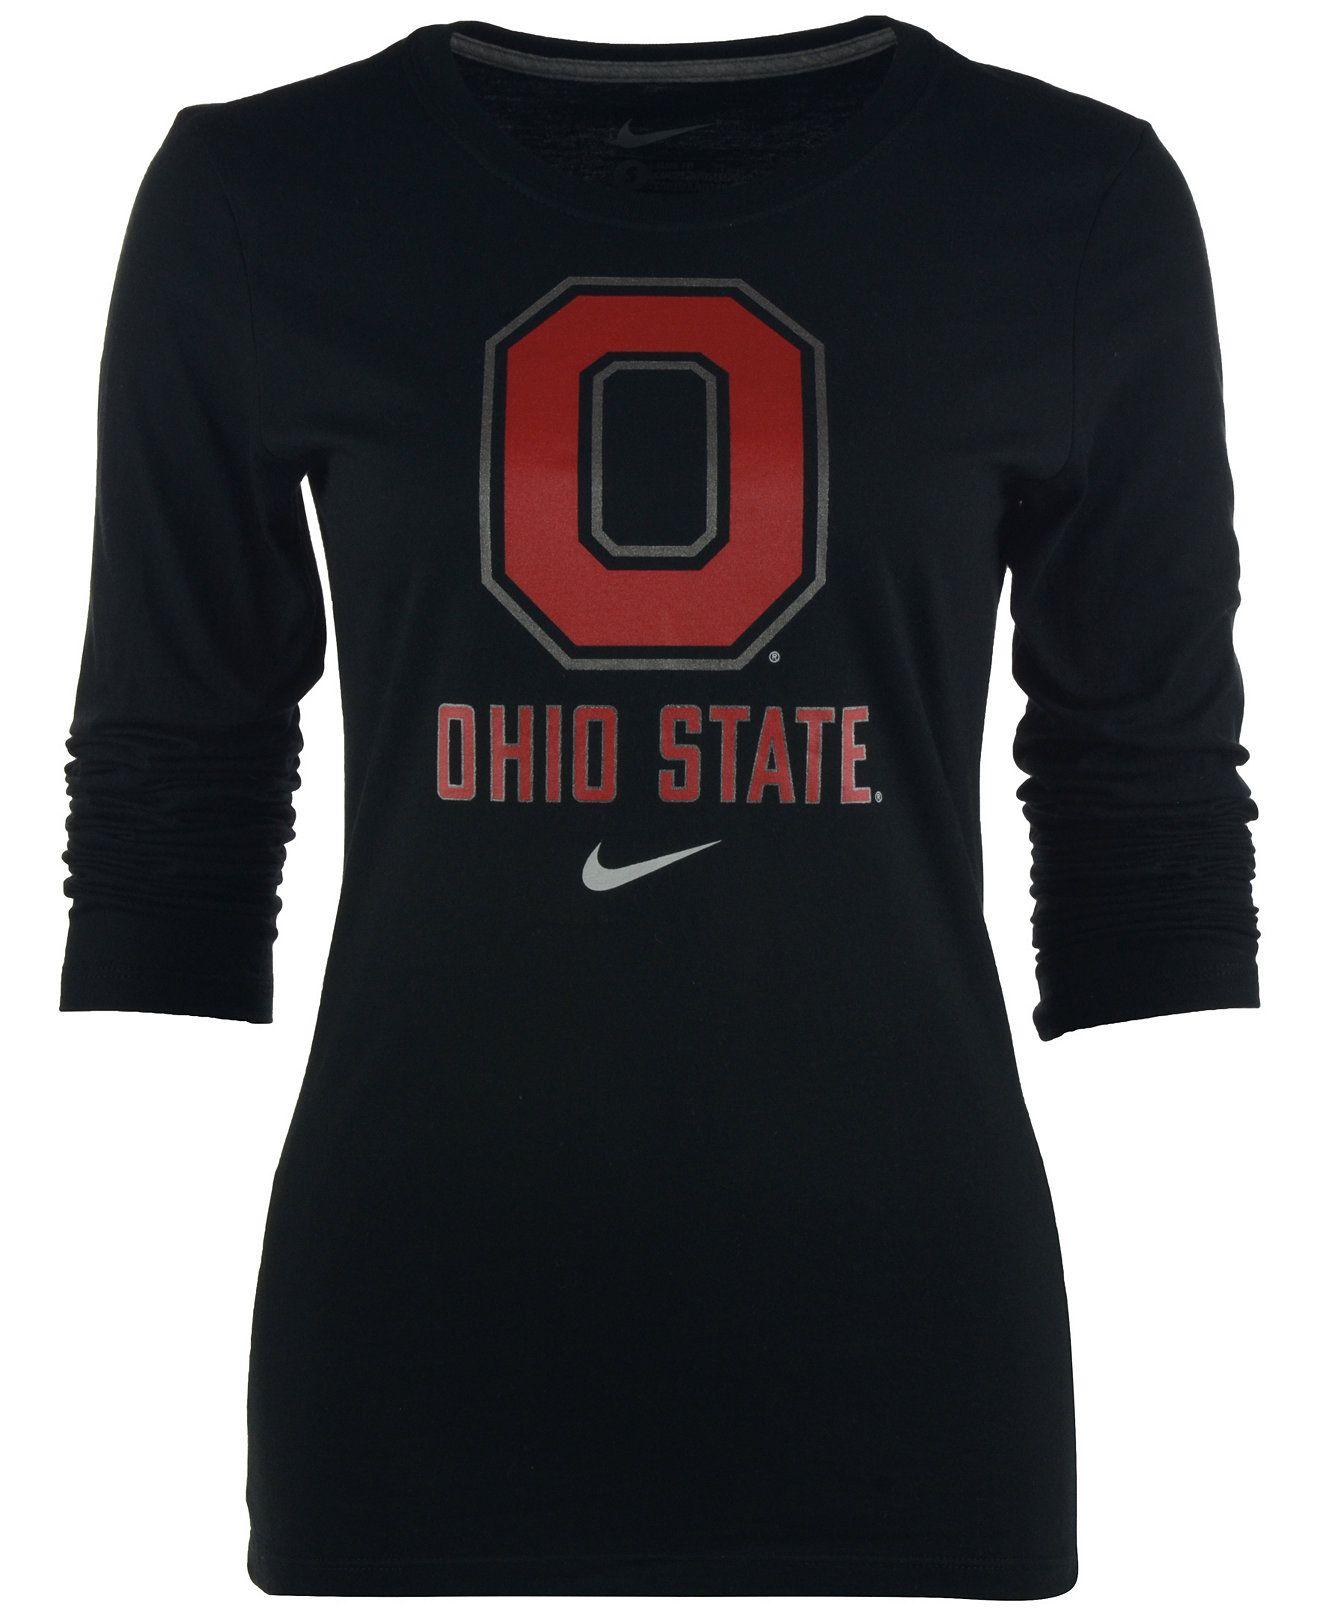 c8d8dc013ee15 Nike Women s Long-Sleeve Ohio State Buckeyes Logo T-Shirt - Sports Fan Shop  By Lids - Men - Macy s